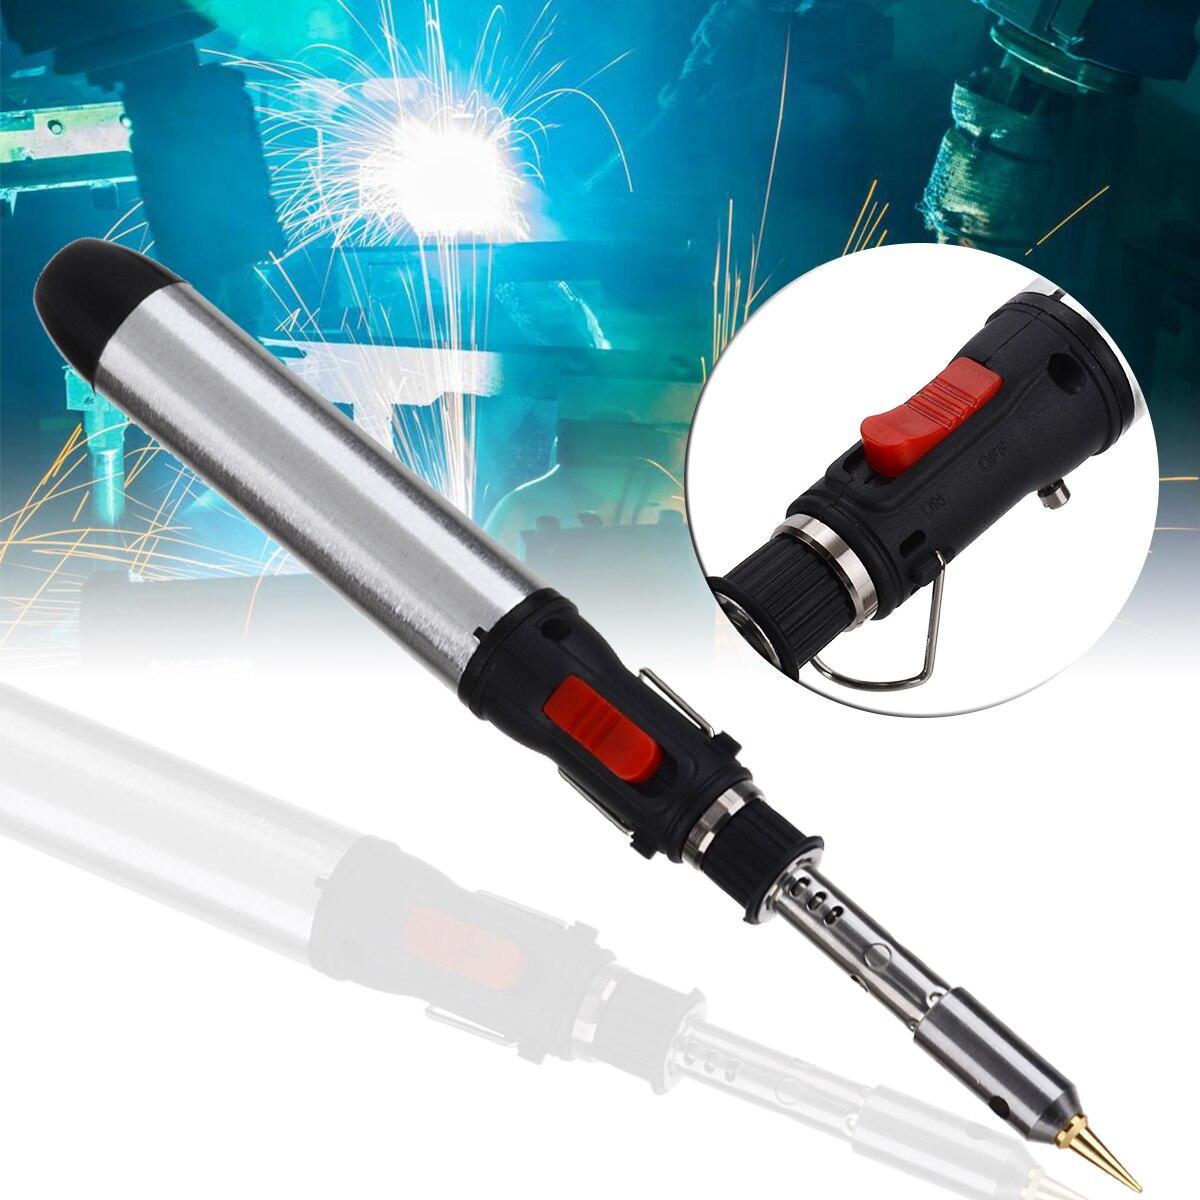 Газовый паяльник, сварочный Газовый паяльник, набор бутановых беспроводных сварочных ручек, фонарь, набор инструментов, Ремонтный инструмент для сварки